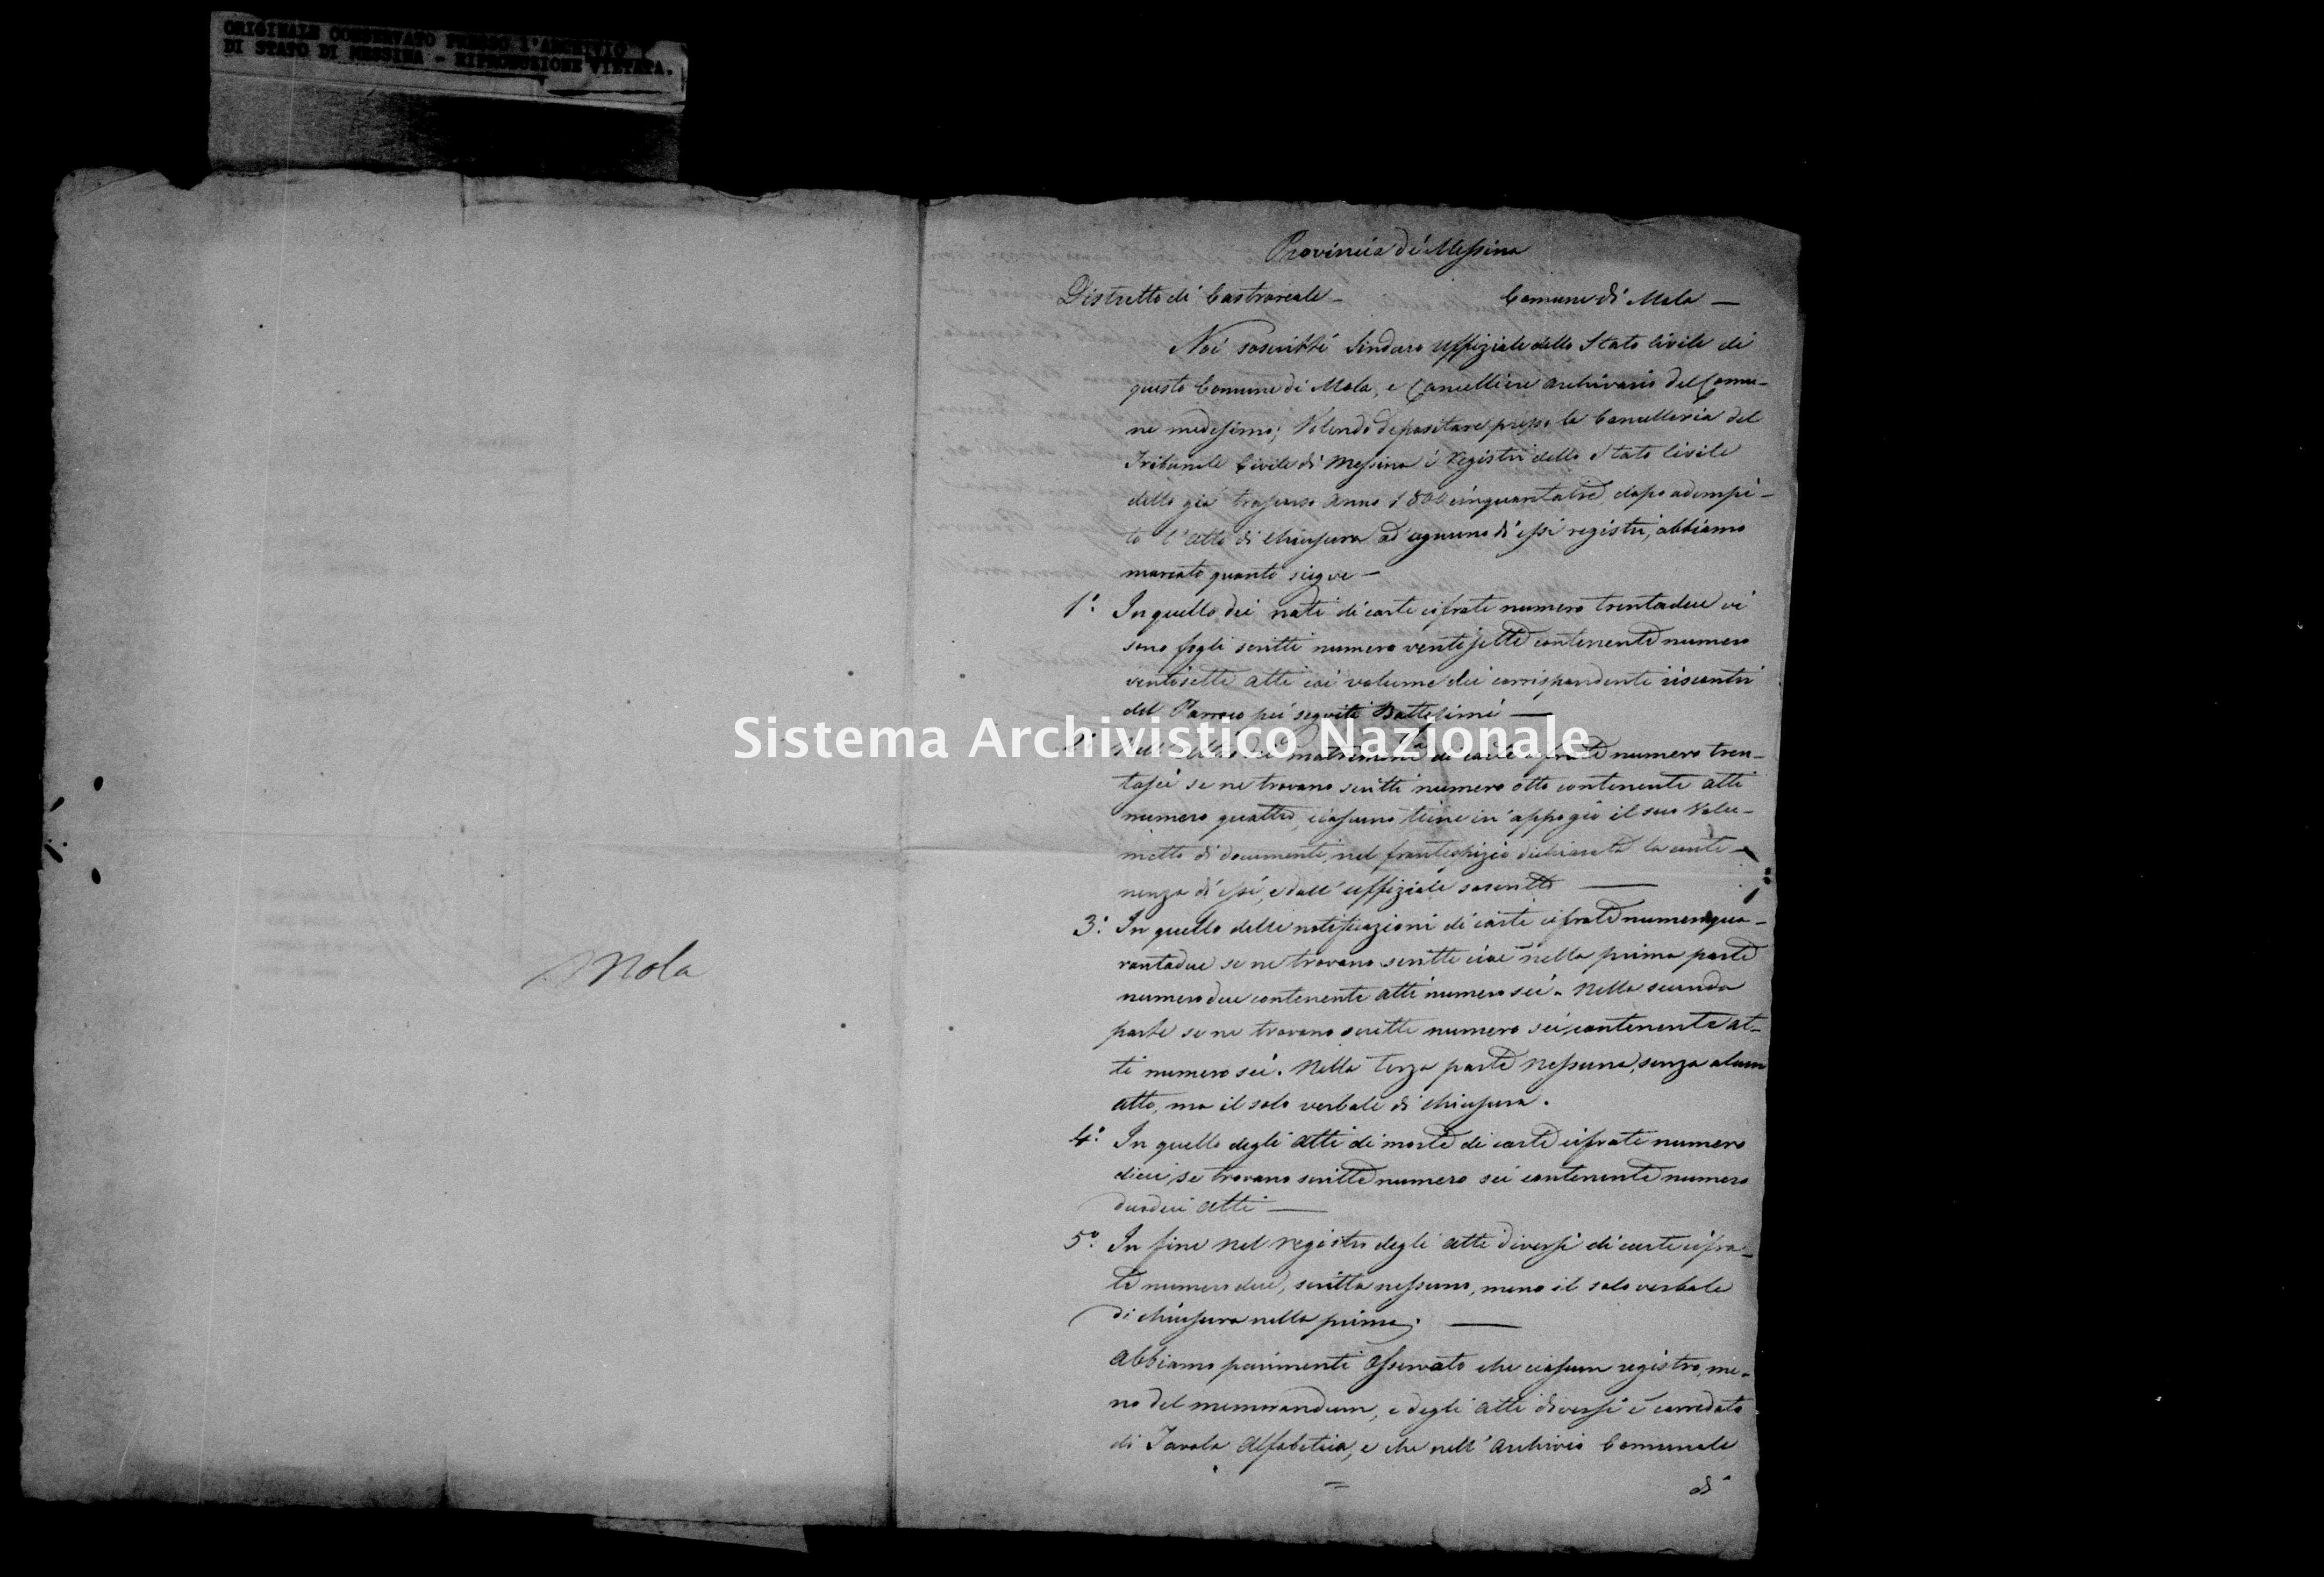 Archivio di stato di Messina - Stato civile della restaurazione - Mola - Inventario - 1853 - 845 -